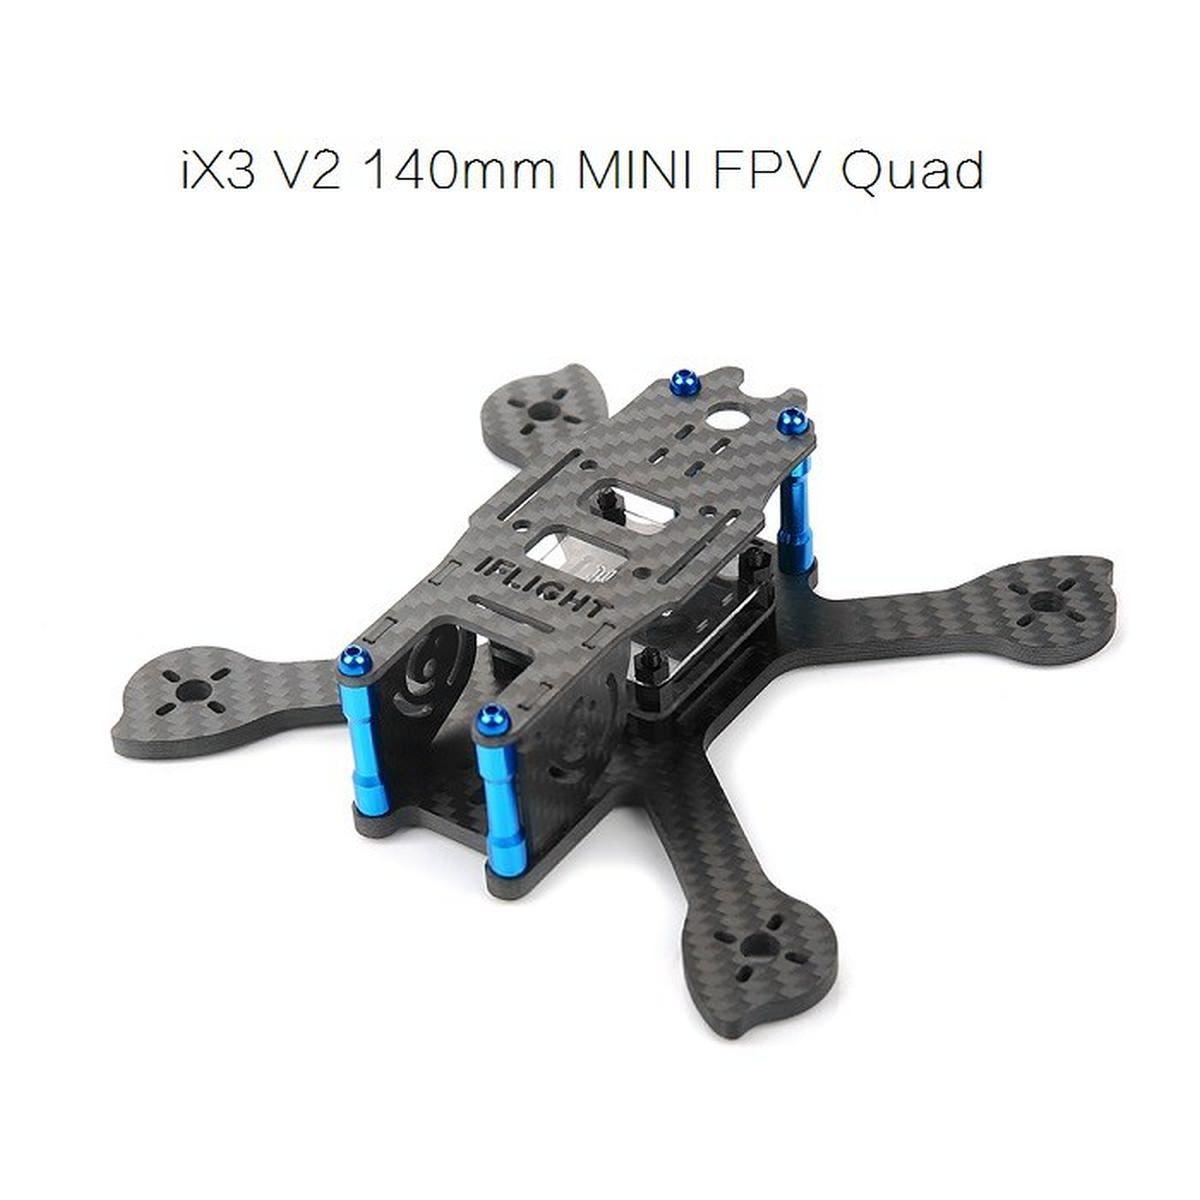 iFlight-RC Racer iX3 V2 140mm Carbon Mini FPV Race Frame